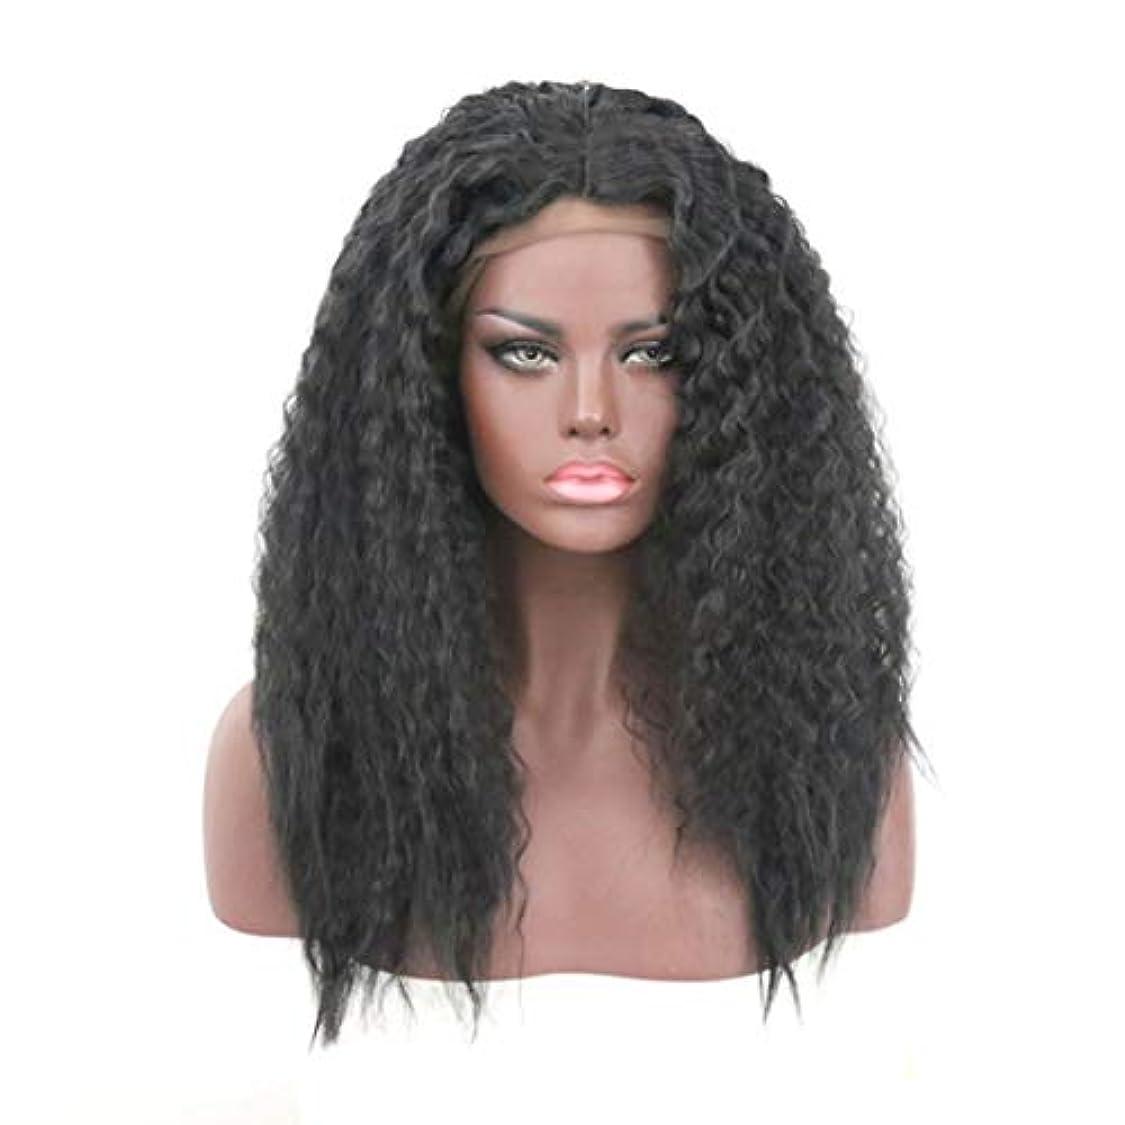 静的安定したメディックKerwinner 女性のためのかつらフロントレーススモールロールブラックふわふわロング巻き毛